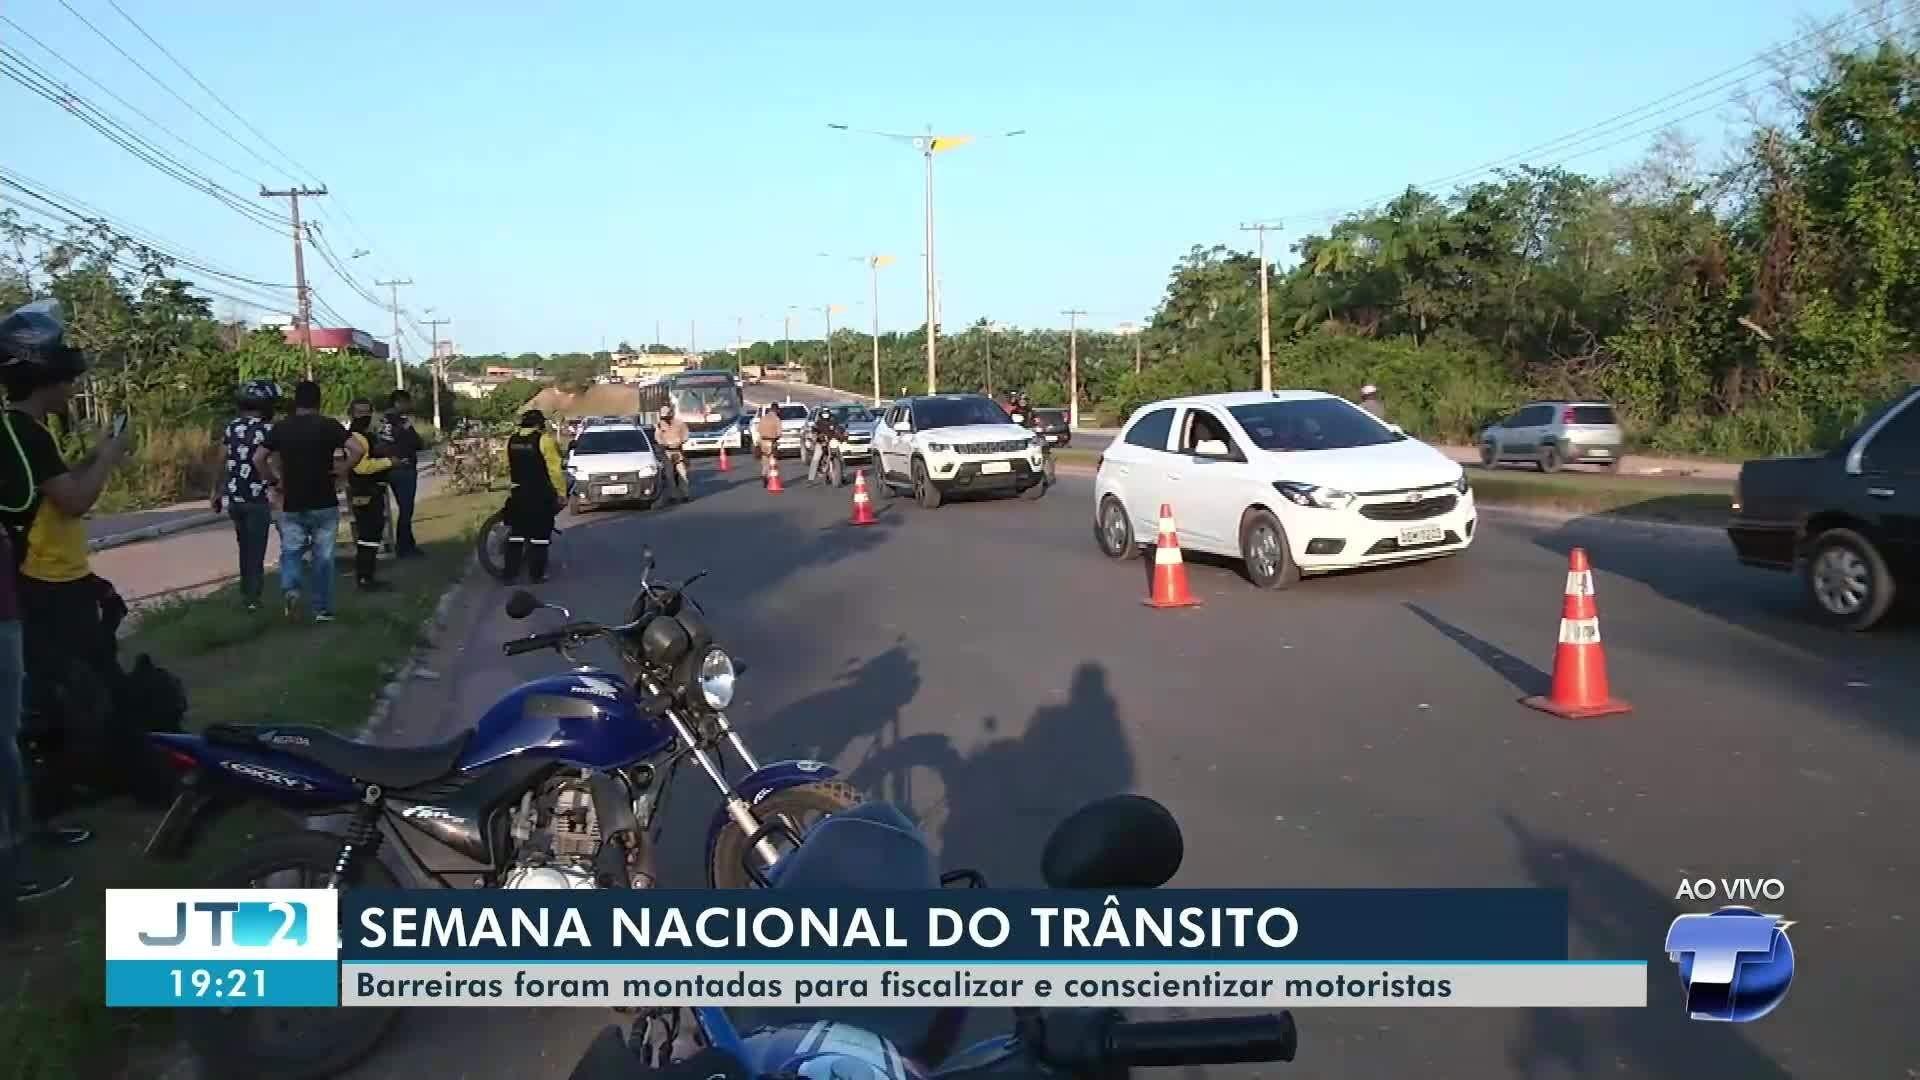 VÍDEOS: Jornal Tapajós 2ª Edição de sábado, 19 de setembro